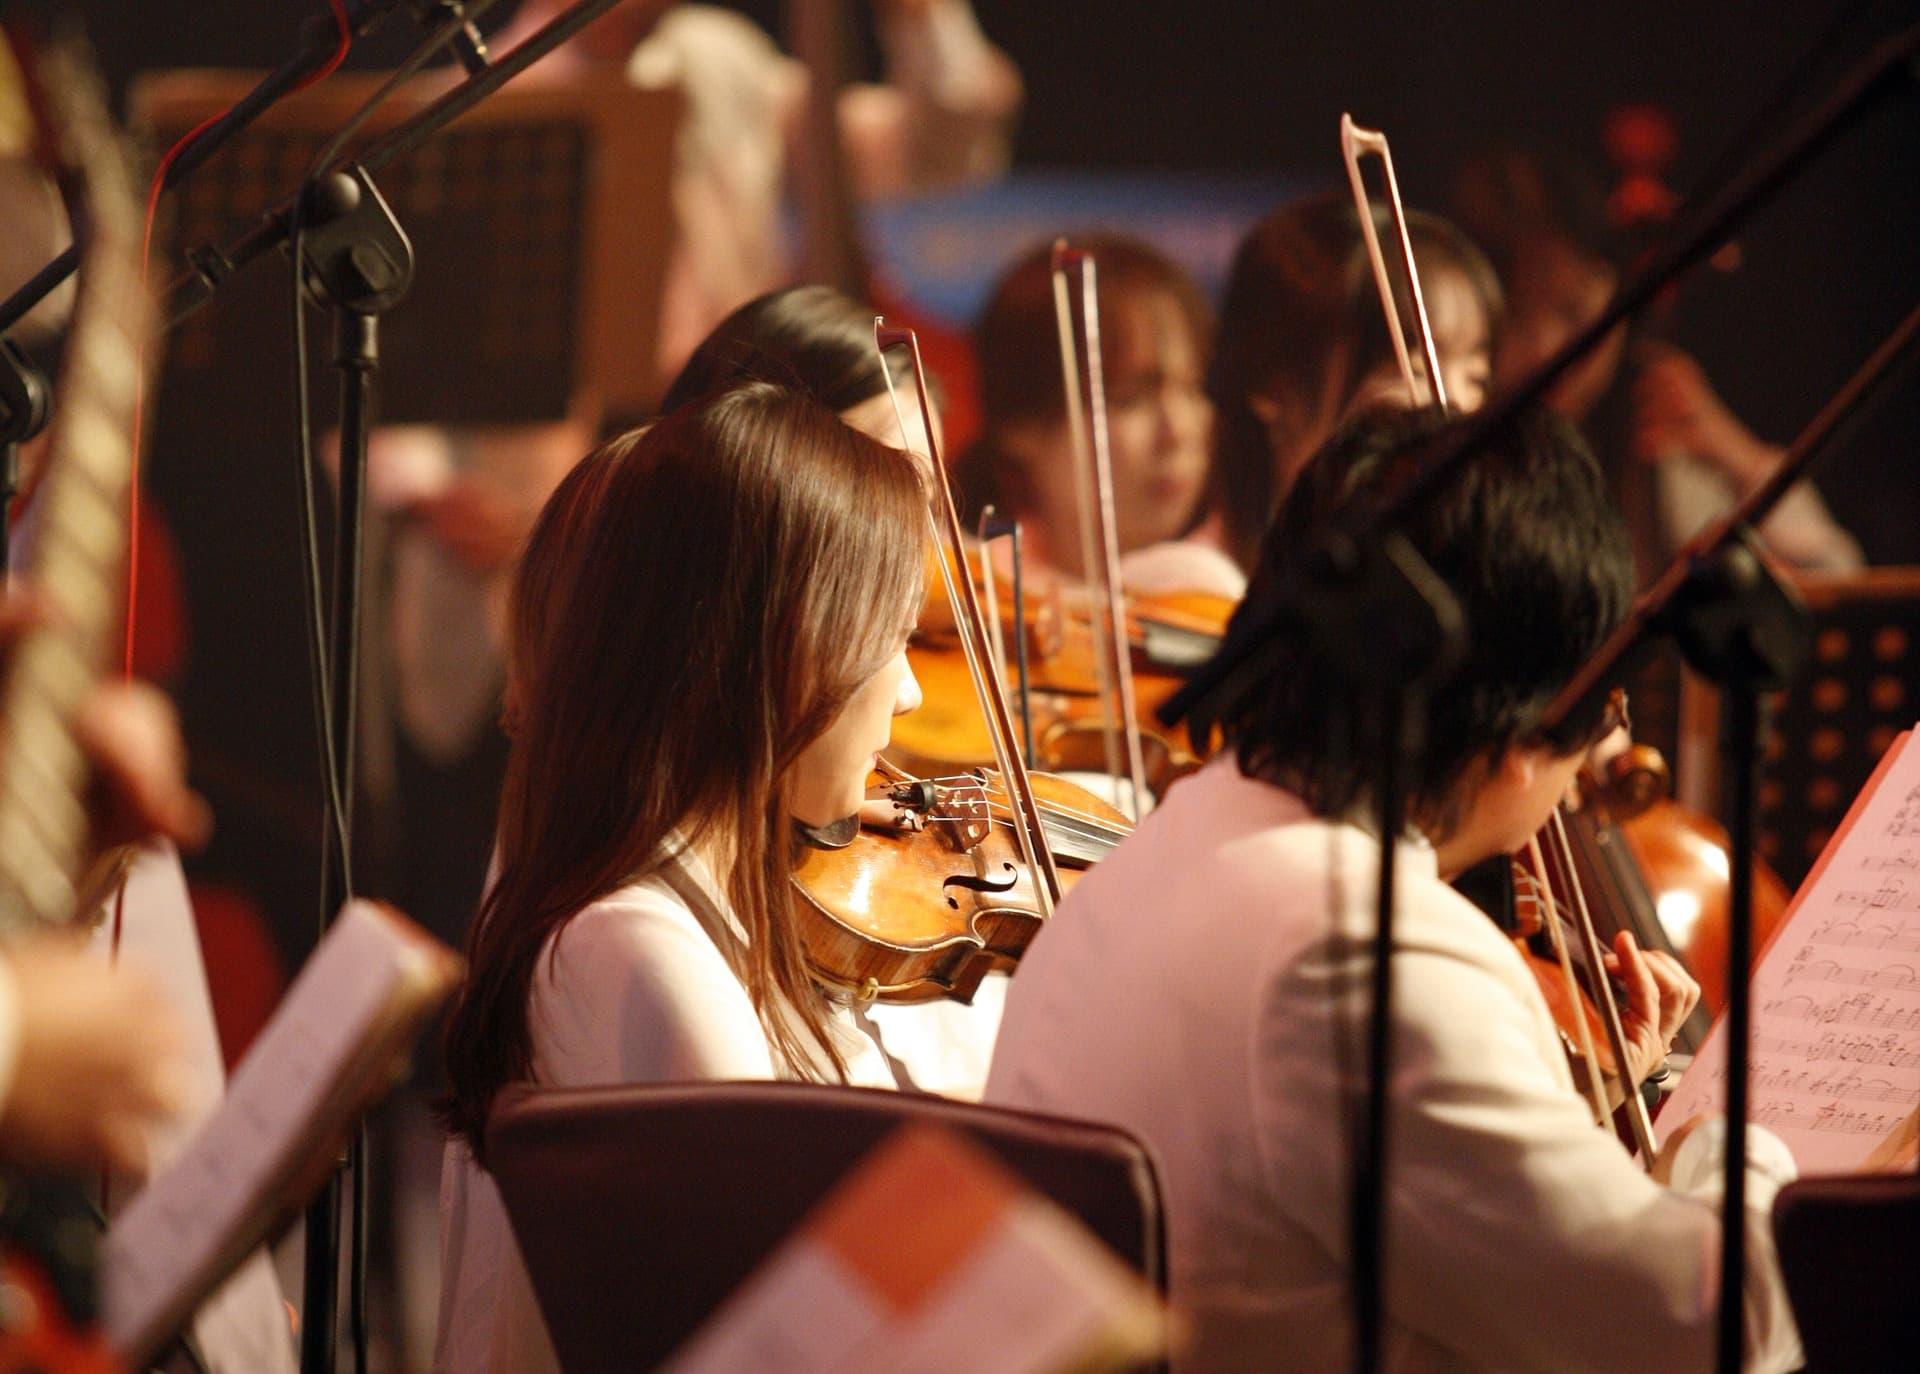 Orchester lernen: Orchester-Unterricht und Bambini-Streicher an der JMS